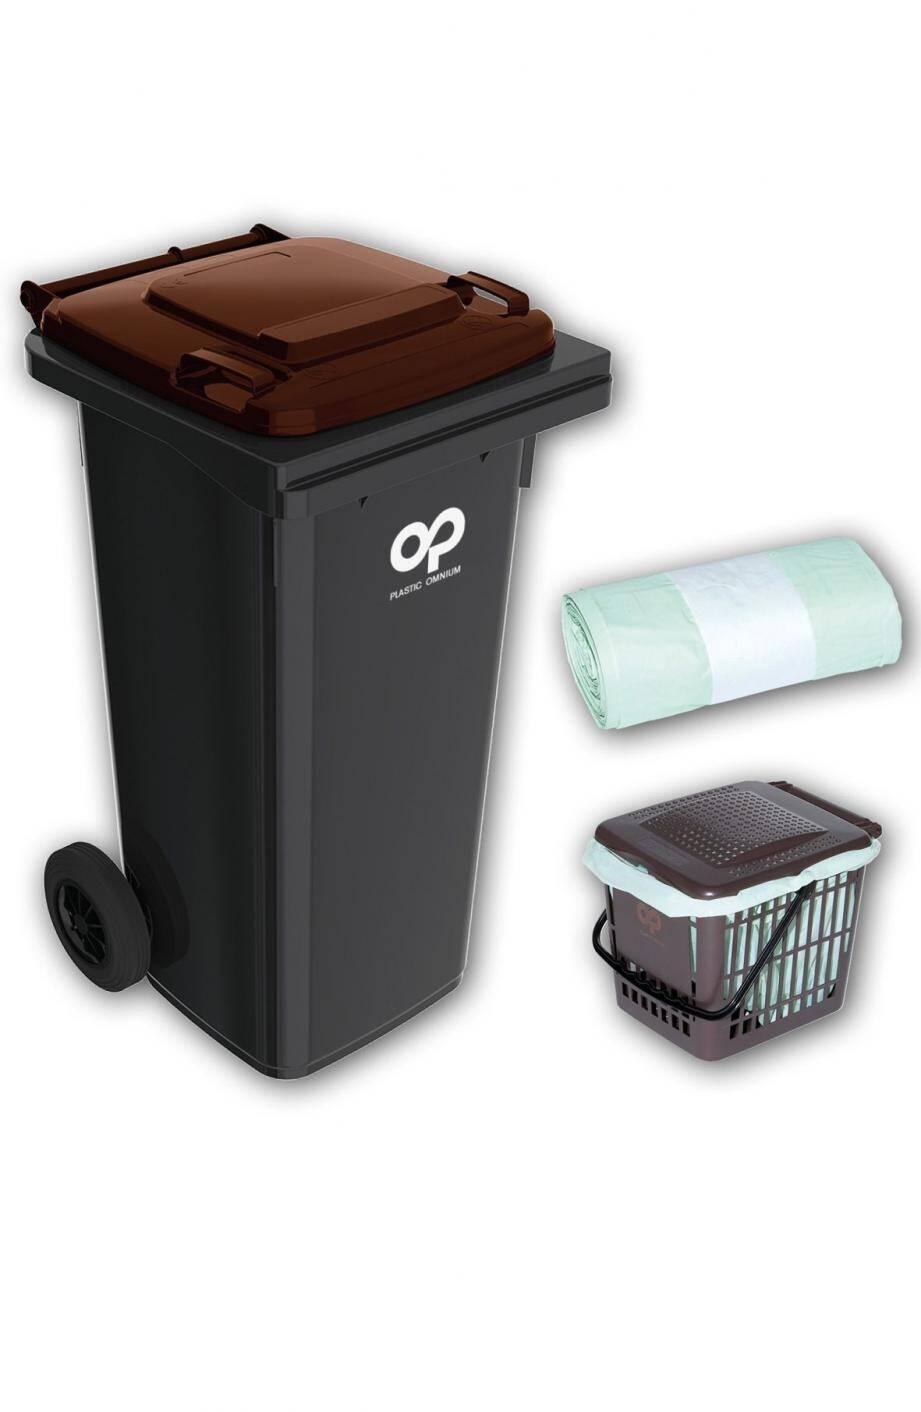 Les habitants vont recevoir un bac marron pour la collecte au porte à porte, un bio seau à utiliser dans leur cuisine et des sacs compostables. Ils peuvent aussi opter pour un composteur. (Repro. J.O.)